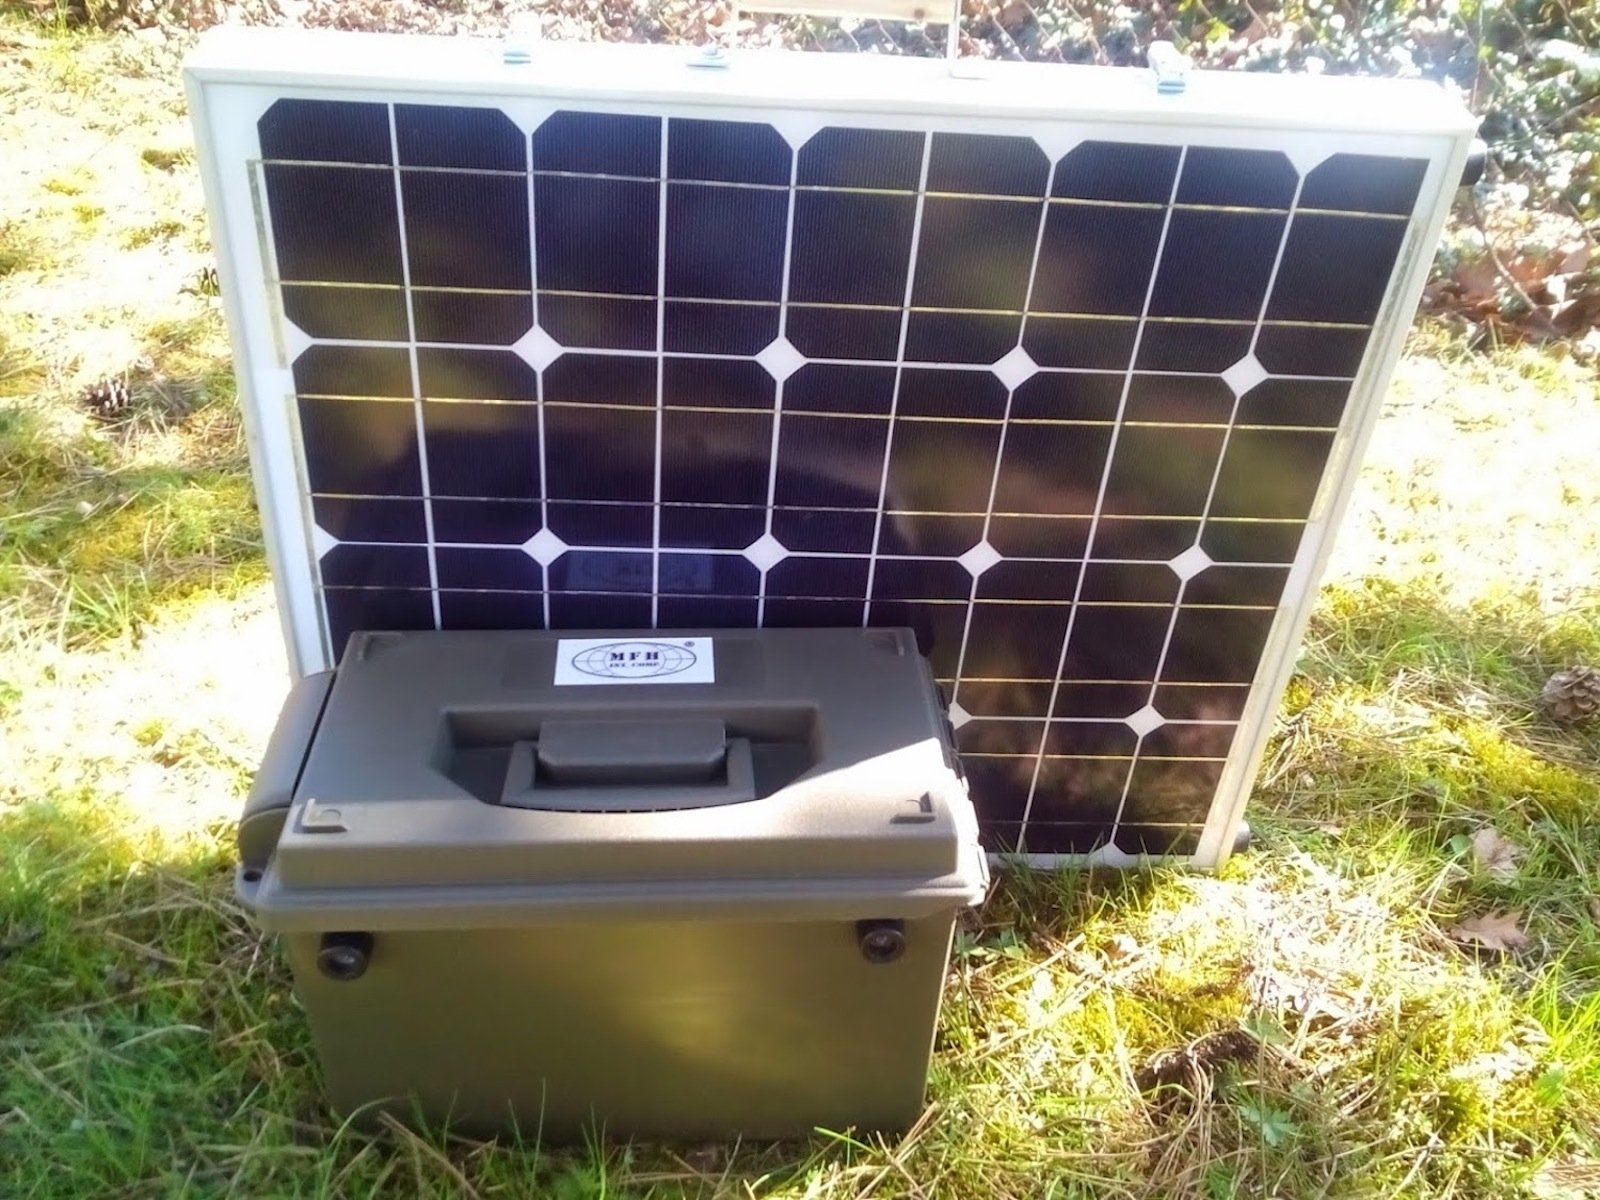 Bei der Ausführung 20 AH lässt sich das Solarmodul zu einer Kofferform zusammenklappen. Die Batterie befindet sich in einer Munitionskiste.